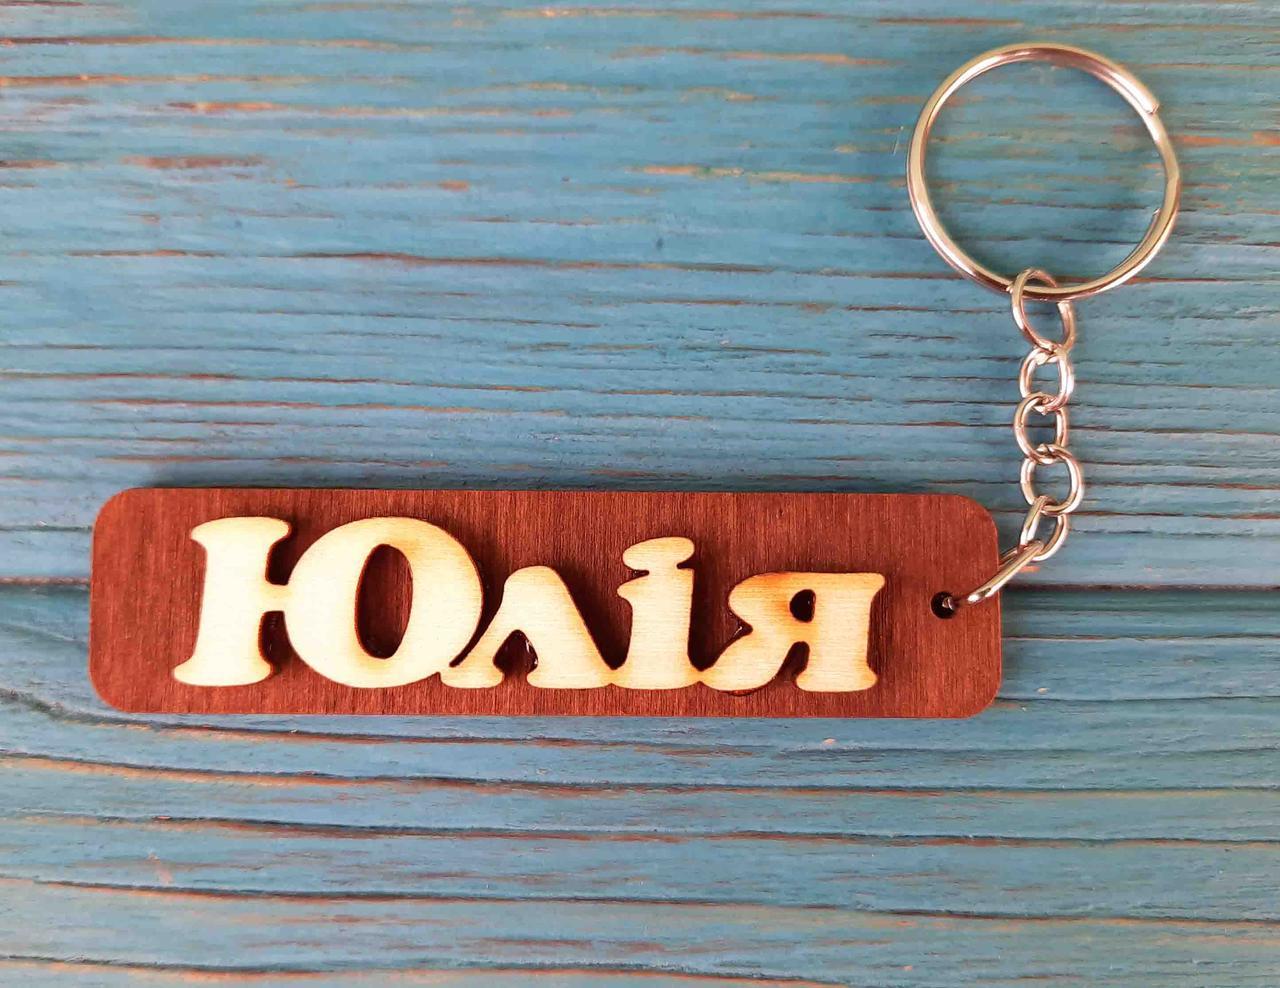 Брелок іменний Юлія. Брелок з ім'ям Юлія. Брелок дерев'яний. Брелок для ключів. Брелоки з іменами